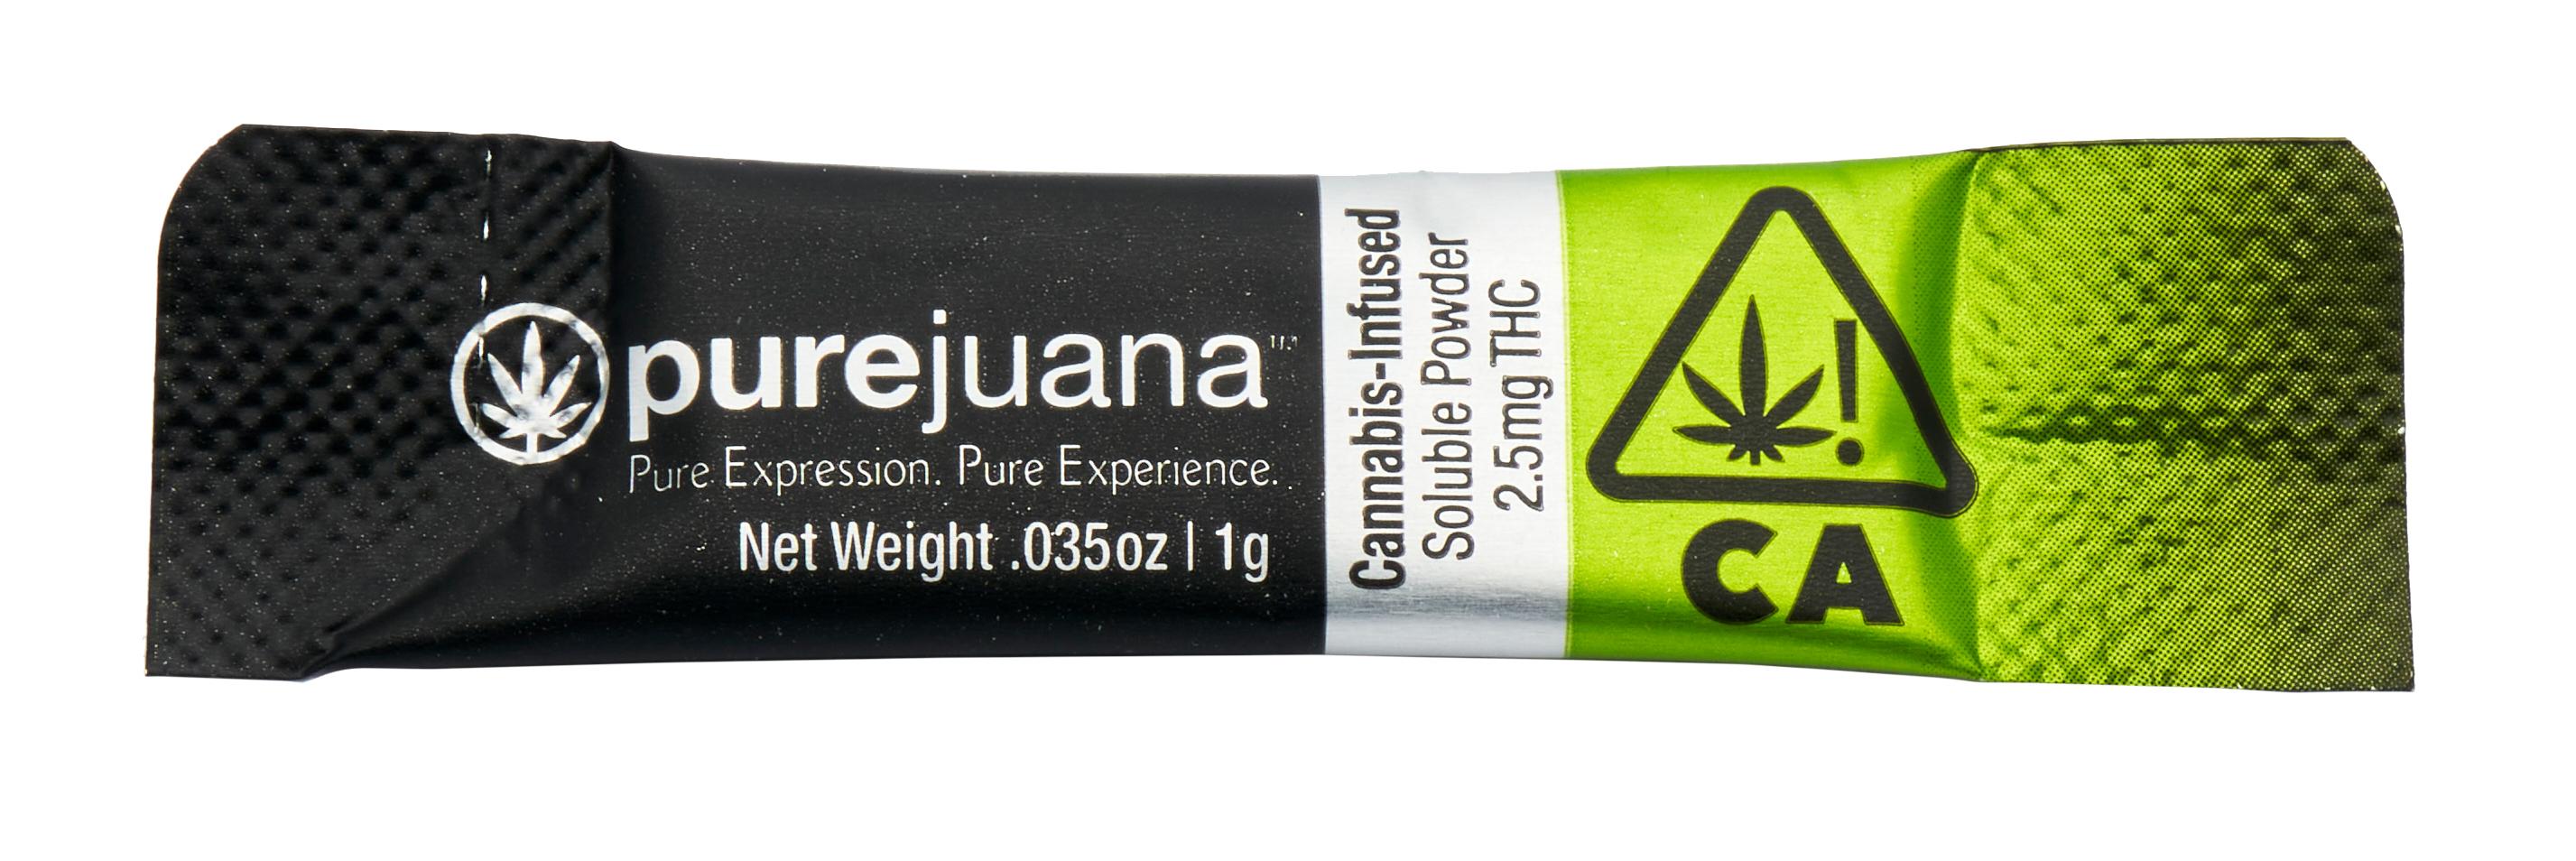 Purejuana